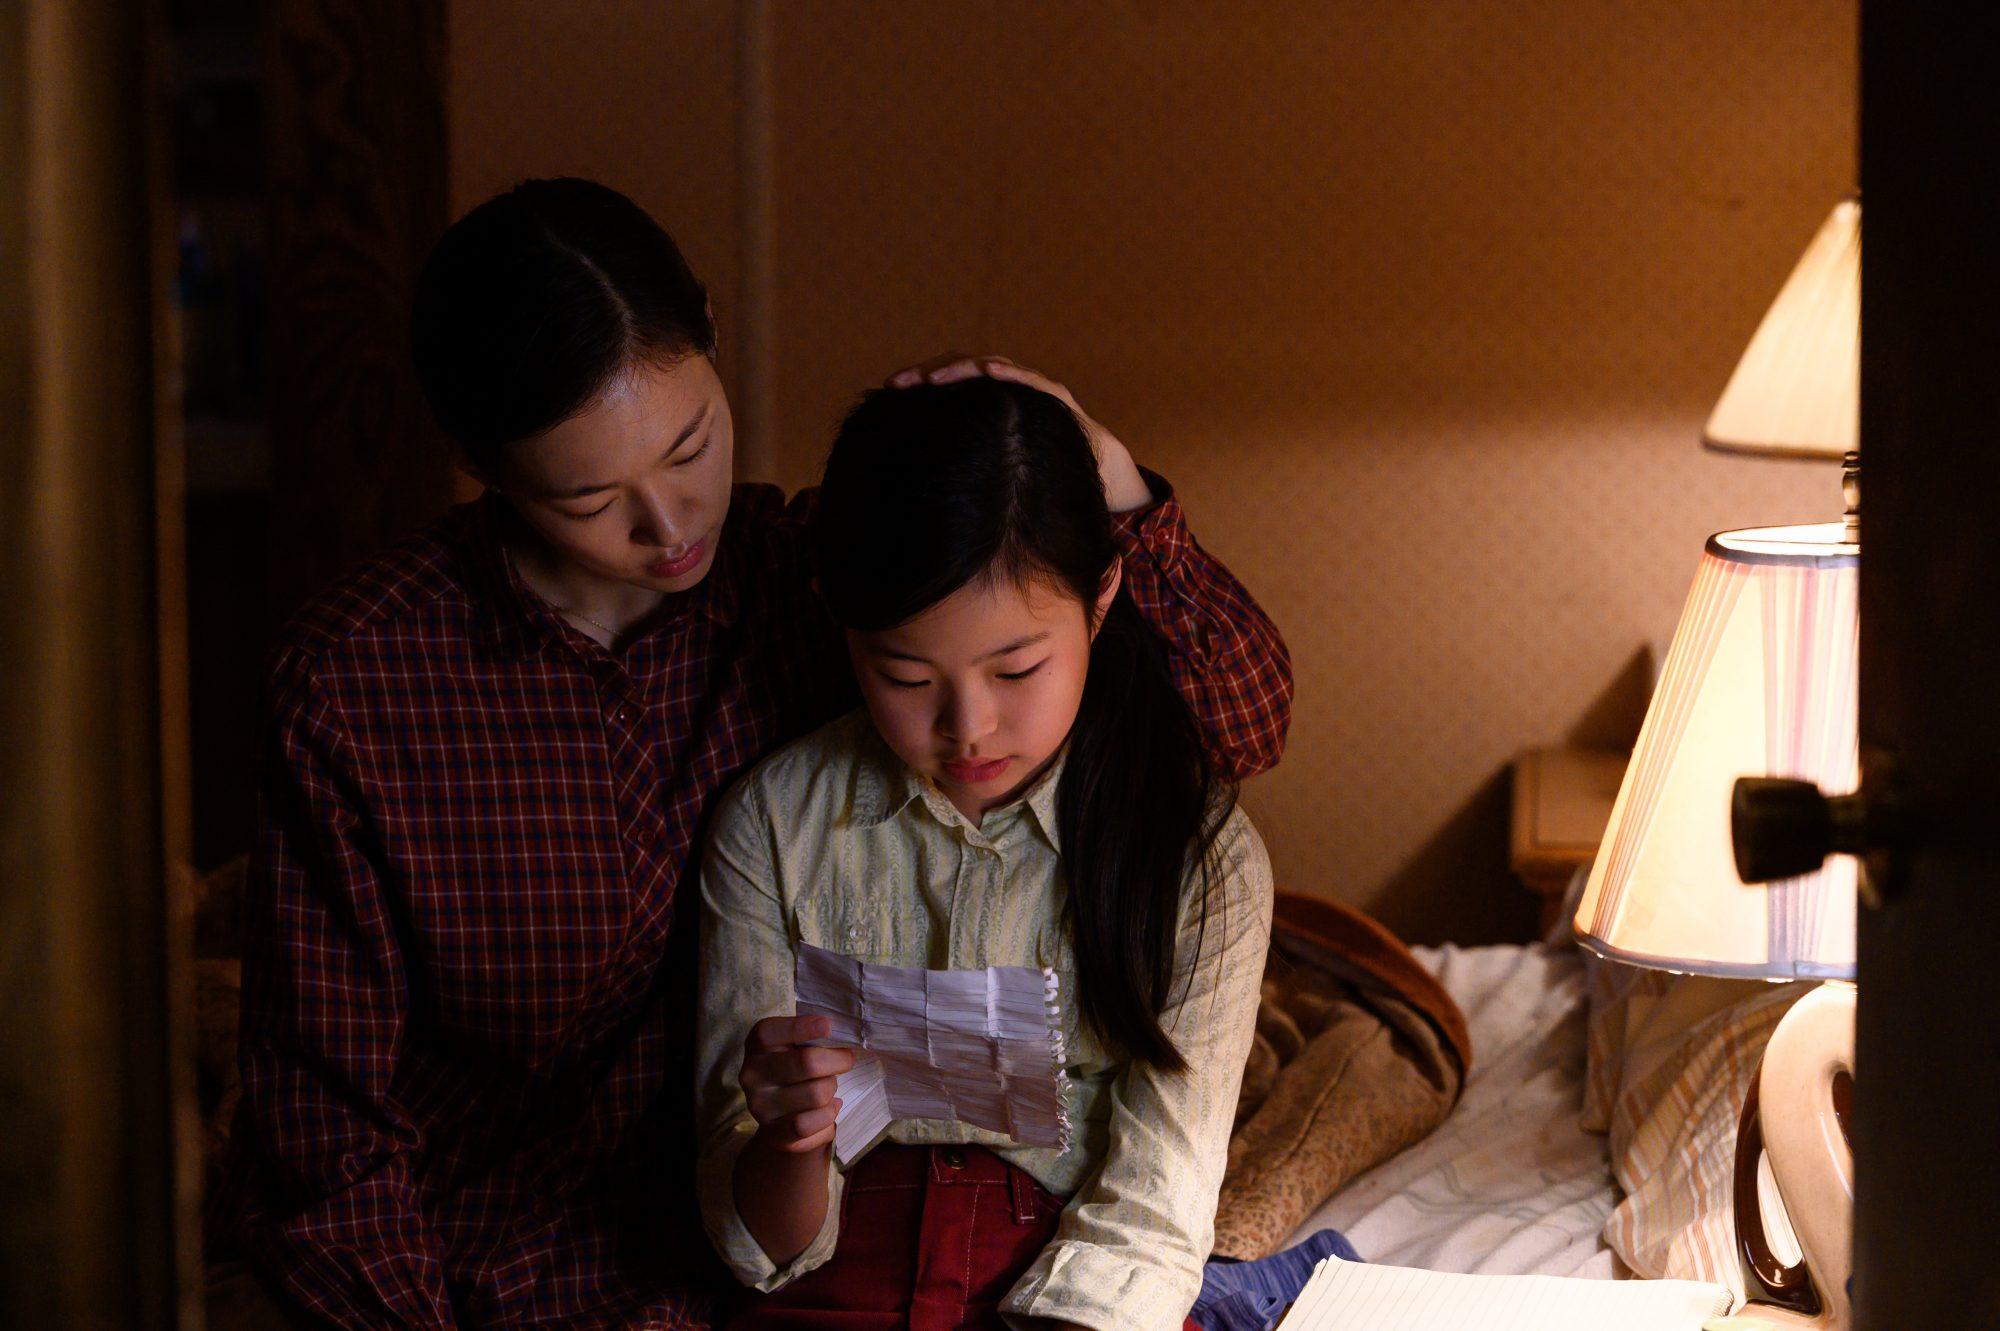 Cena do filme Minari. A imagem apresenta Monica, personagem da atriz asiática Ye-ri Han, e Anne, personagem da atriz mirim Noel Cho. Monica está sentada numa cama e Anne está no colo dela, lendo uma carta, enquanto a mãe acaricia seus cabelos. Monica veste uma camisa xadrez vermelha e Anne uma camisa bege. A imagem é iluminada por uma abajur do lado esquerdo da cena, onde também se vê a maçaneta de uma porta.